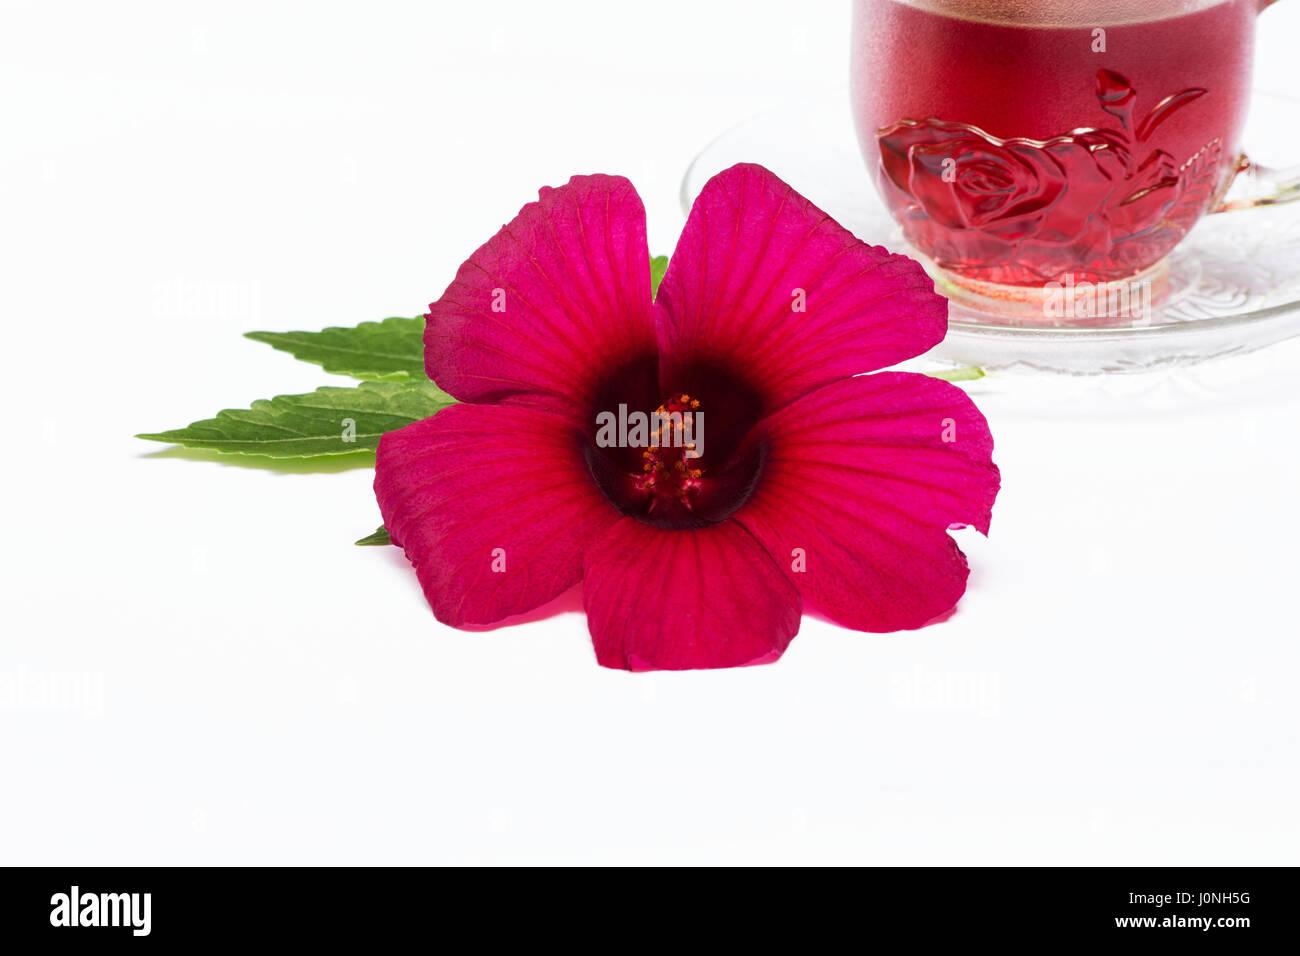 Roselle hibiscus sabdariffa flower and tea on white background roselle hibiscus sabdariffa flower and tea on white background izmirmasajfo